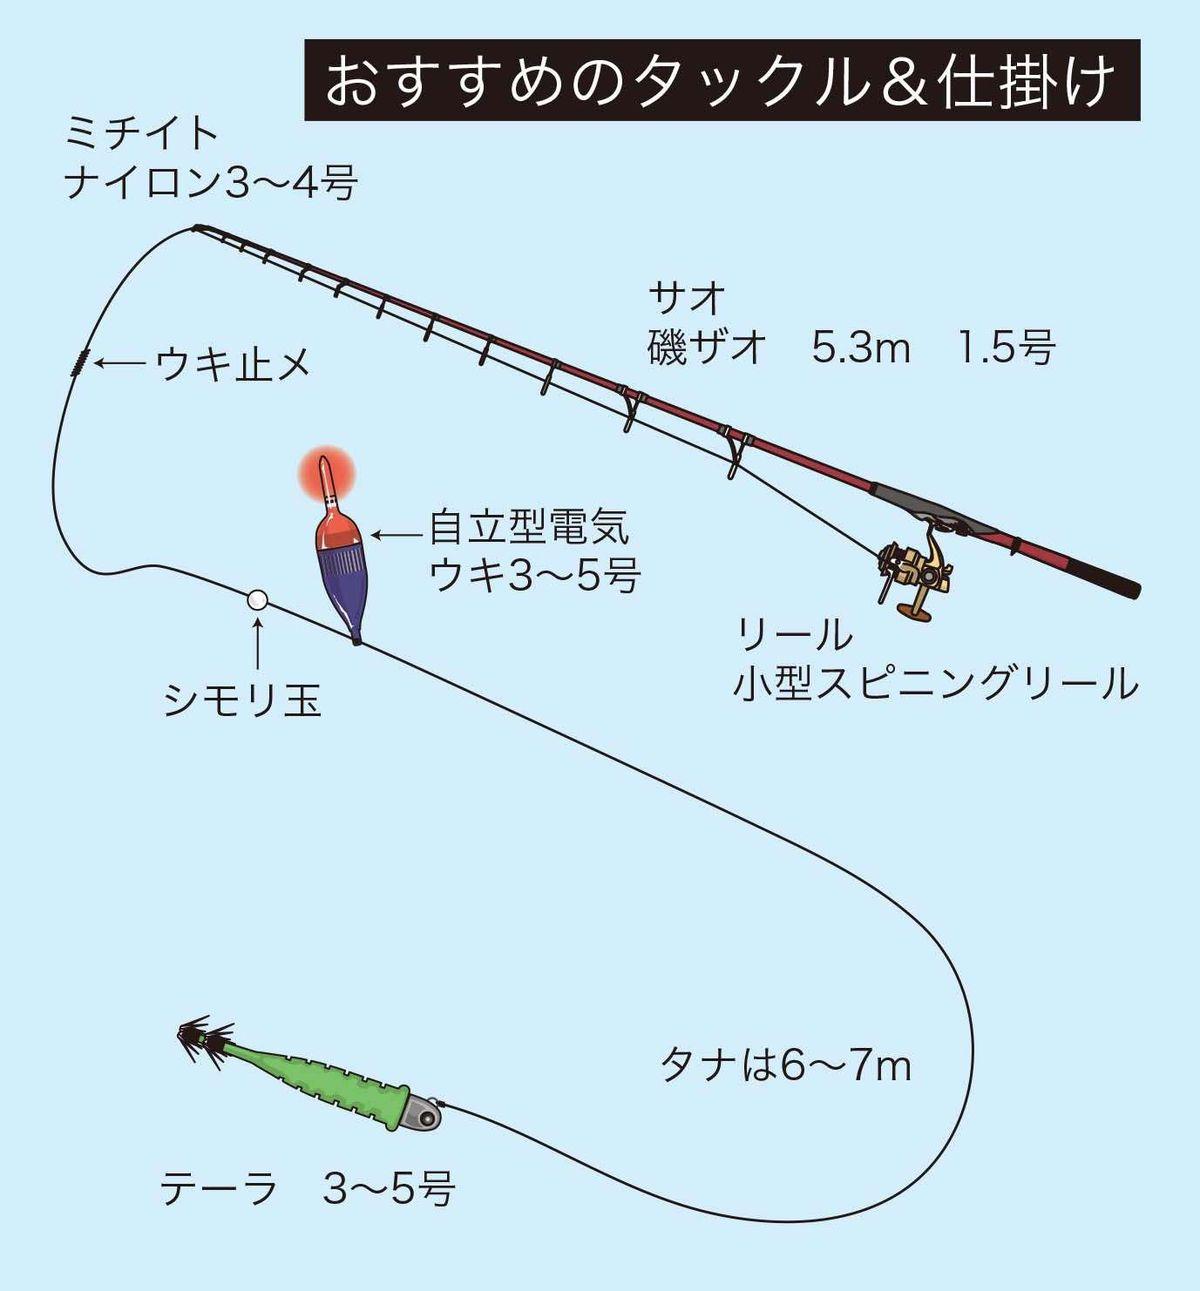 092-103_zenkokutsuriba04-2_cs6 (1)